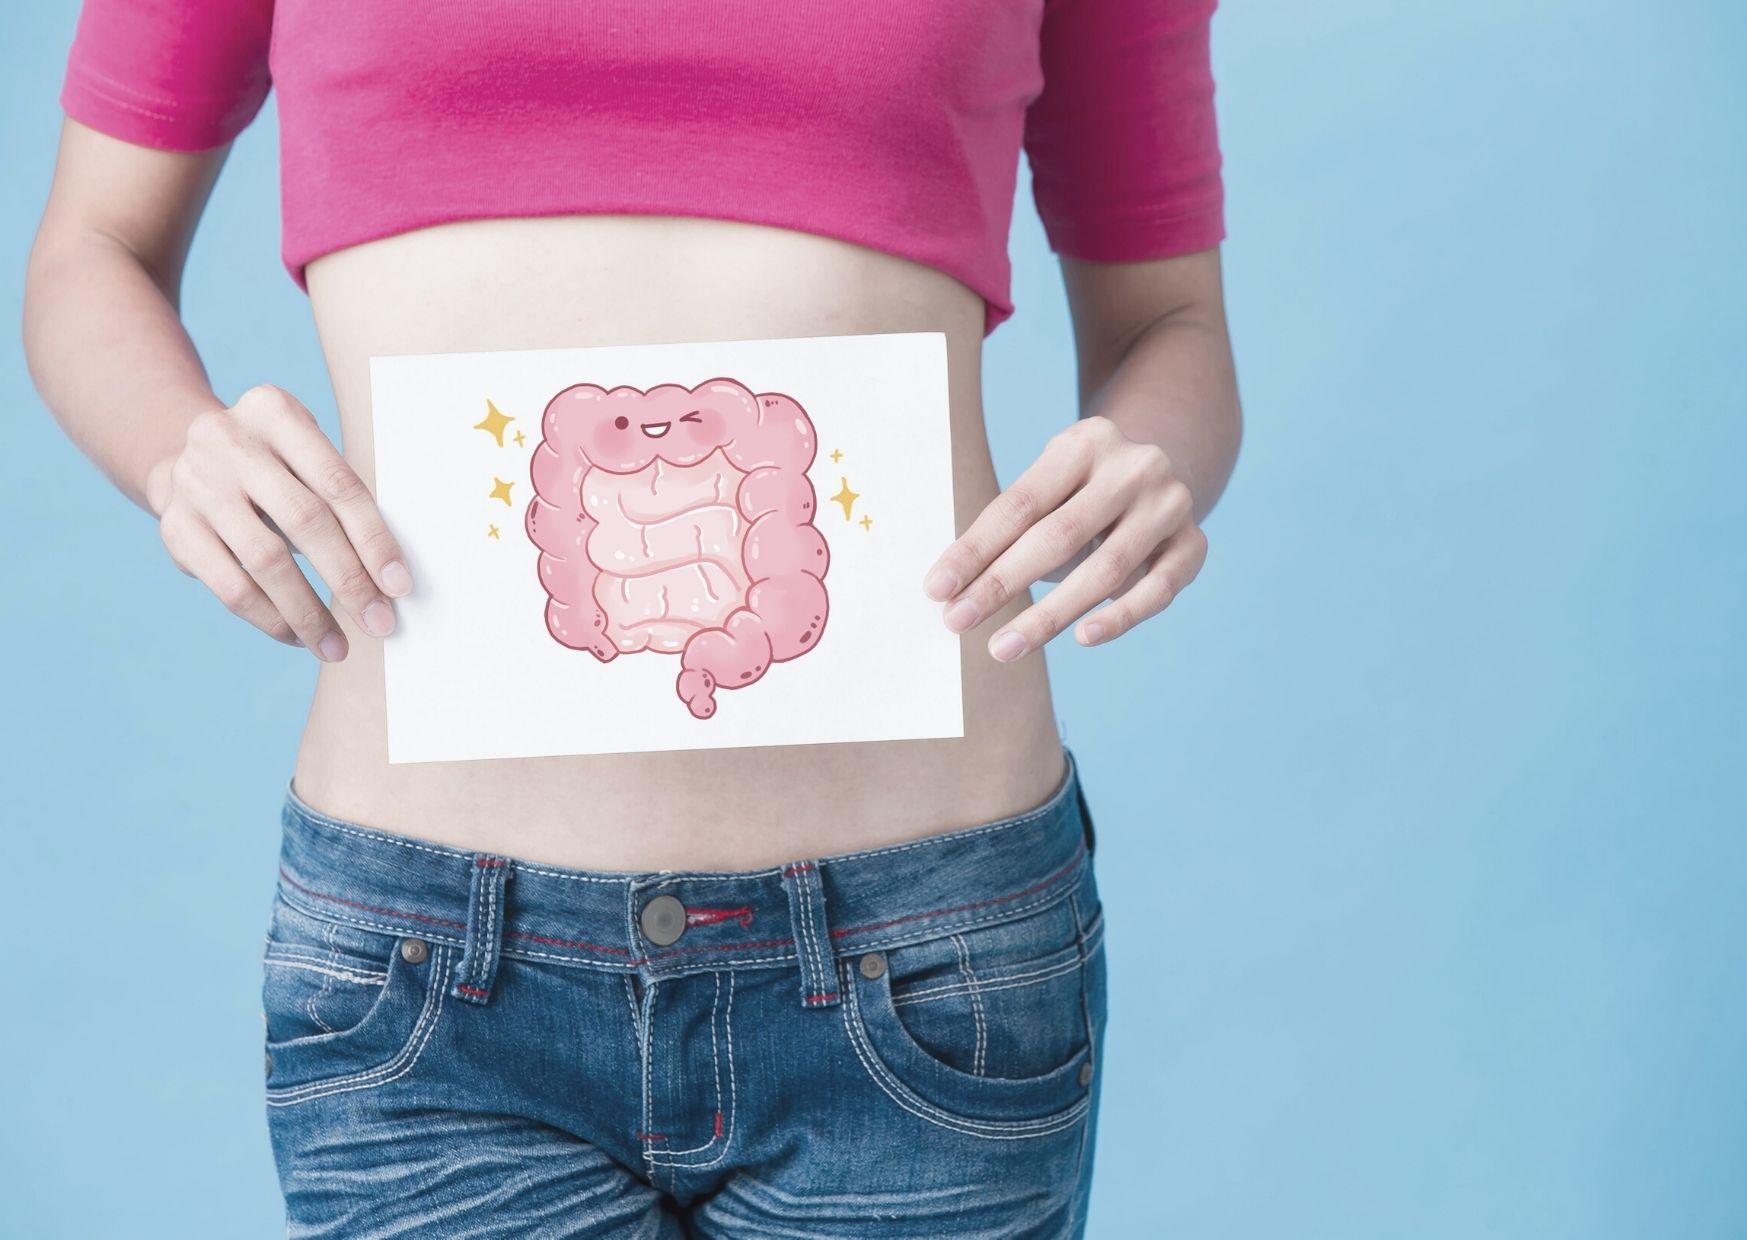 Probióticos, ¿cómo influyen en tus defensas?